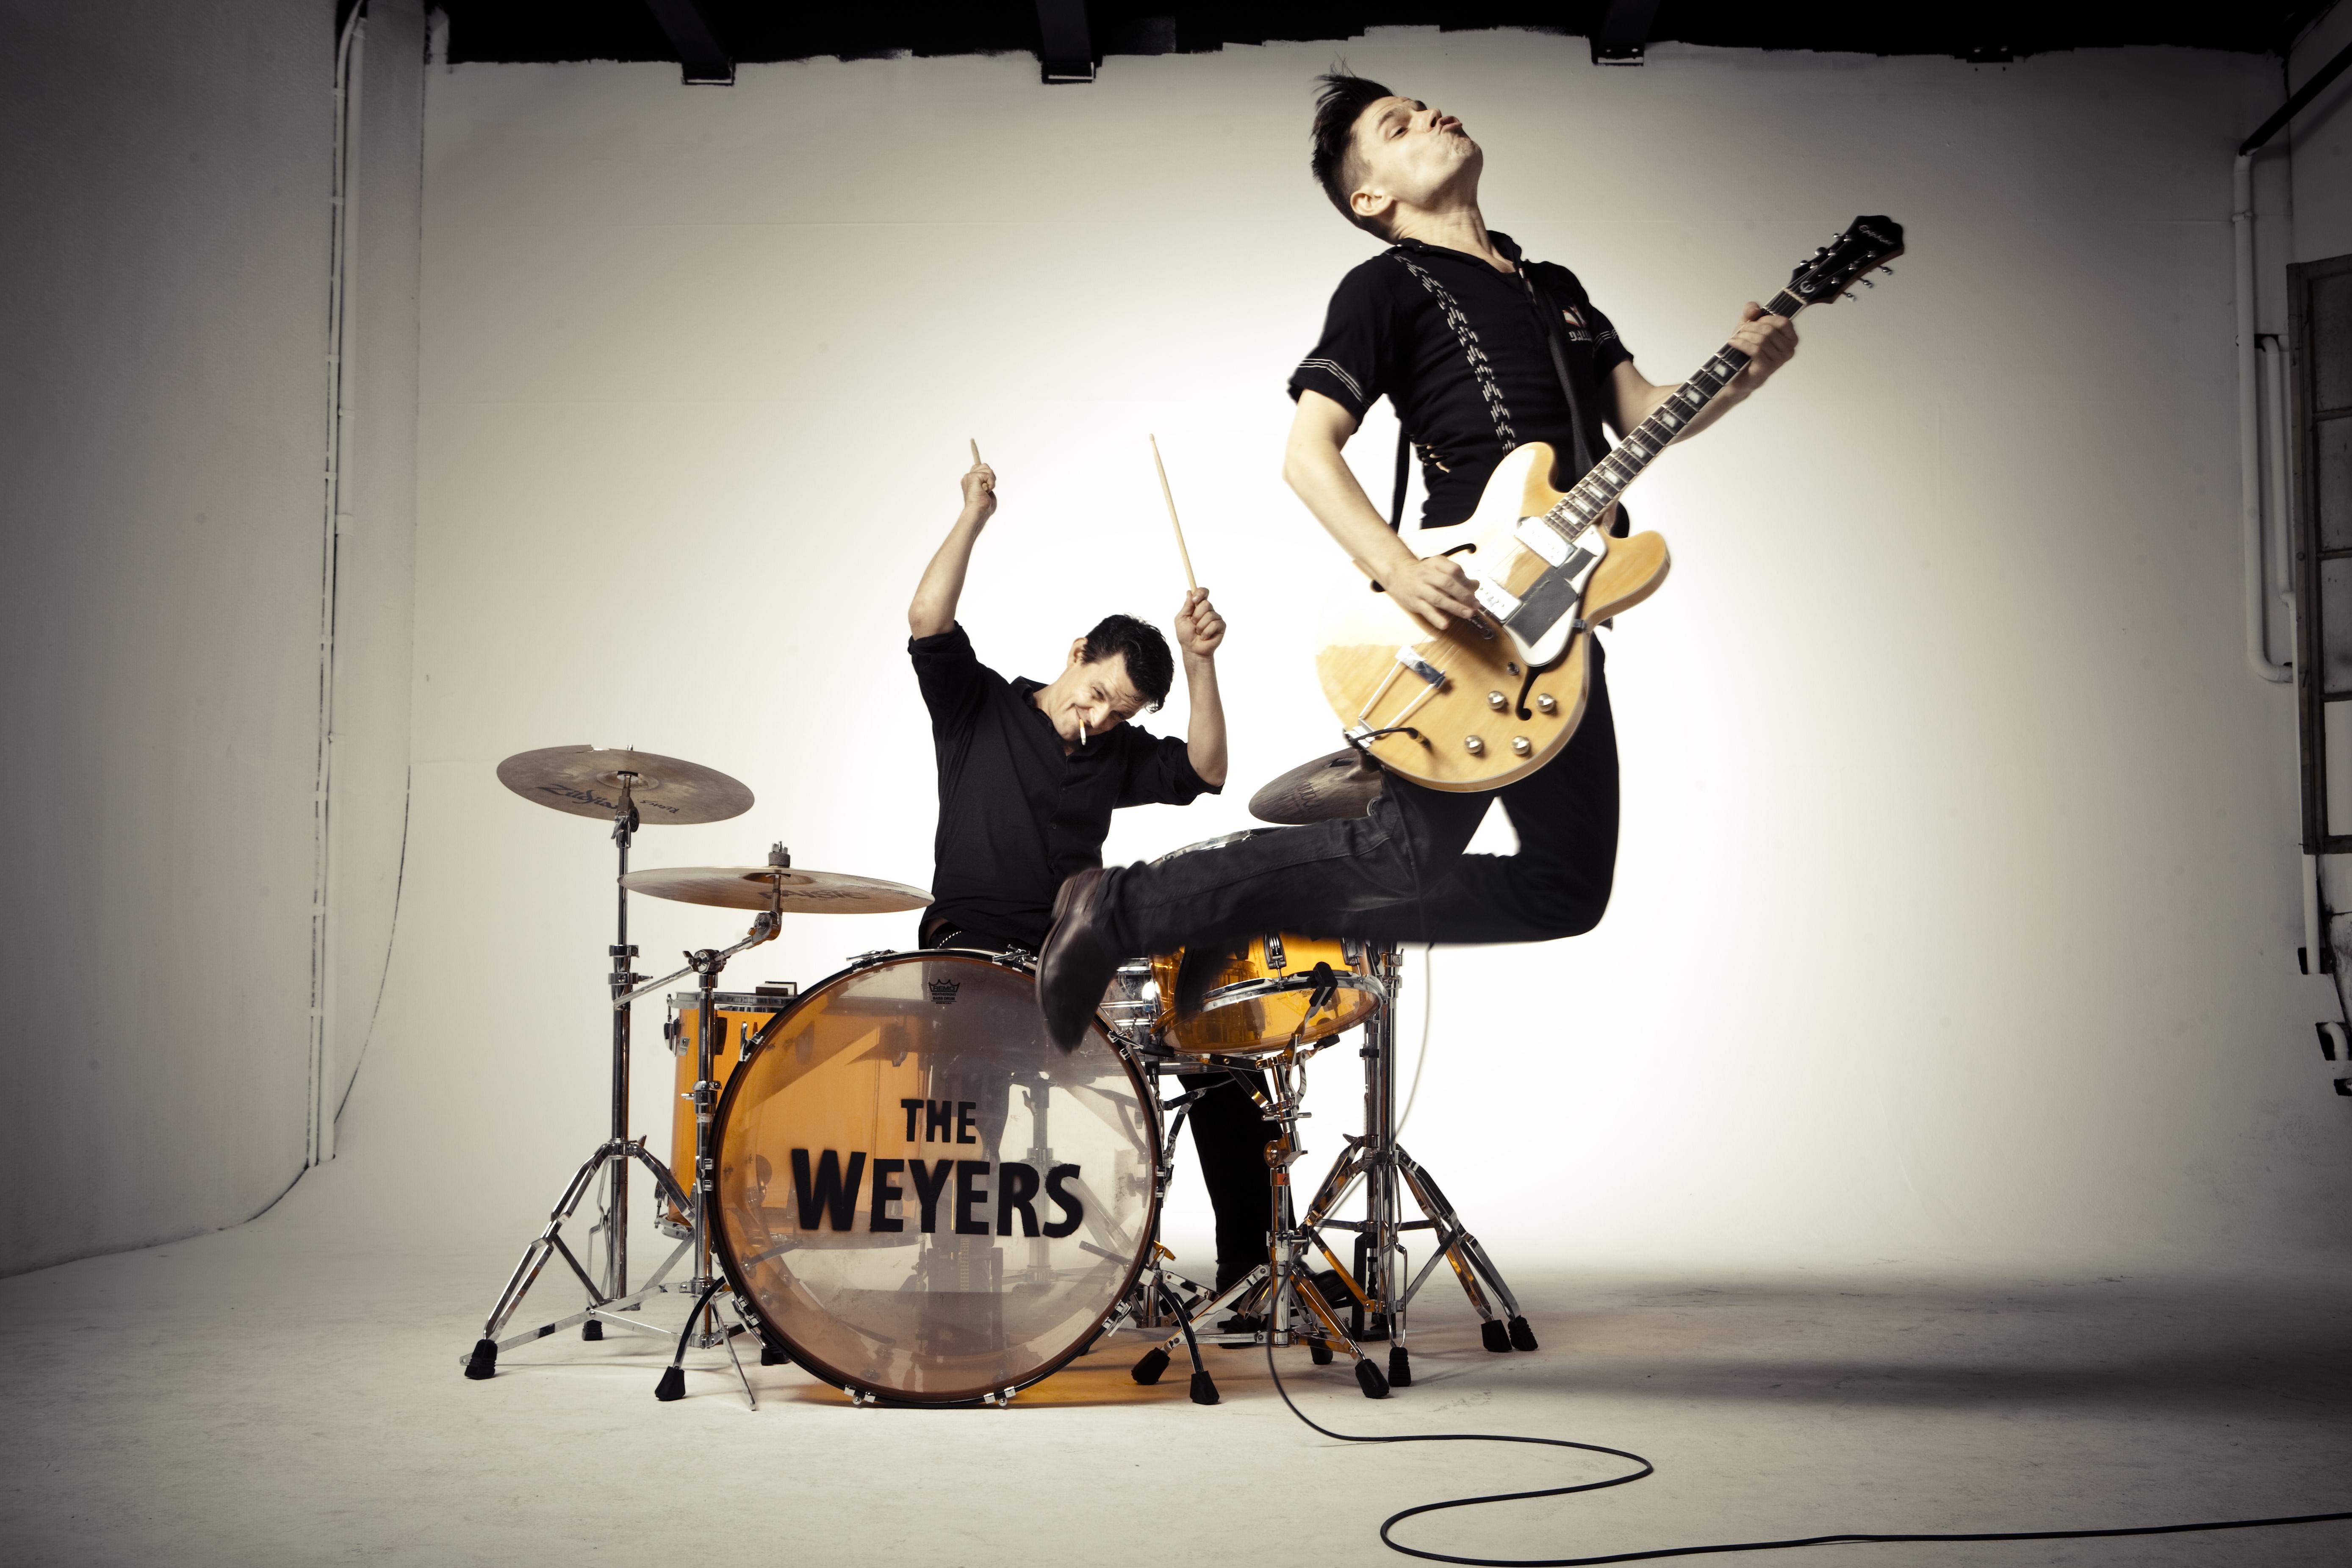 THE WEYERS